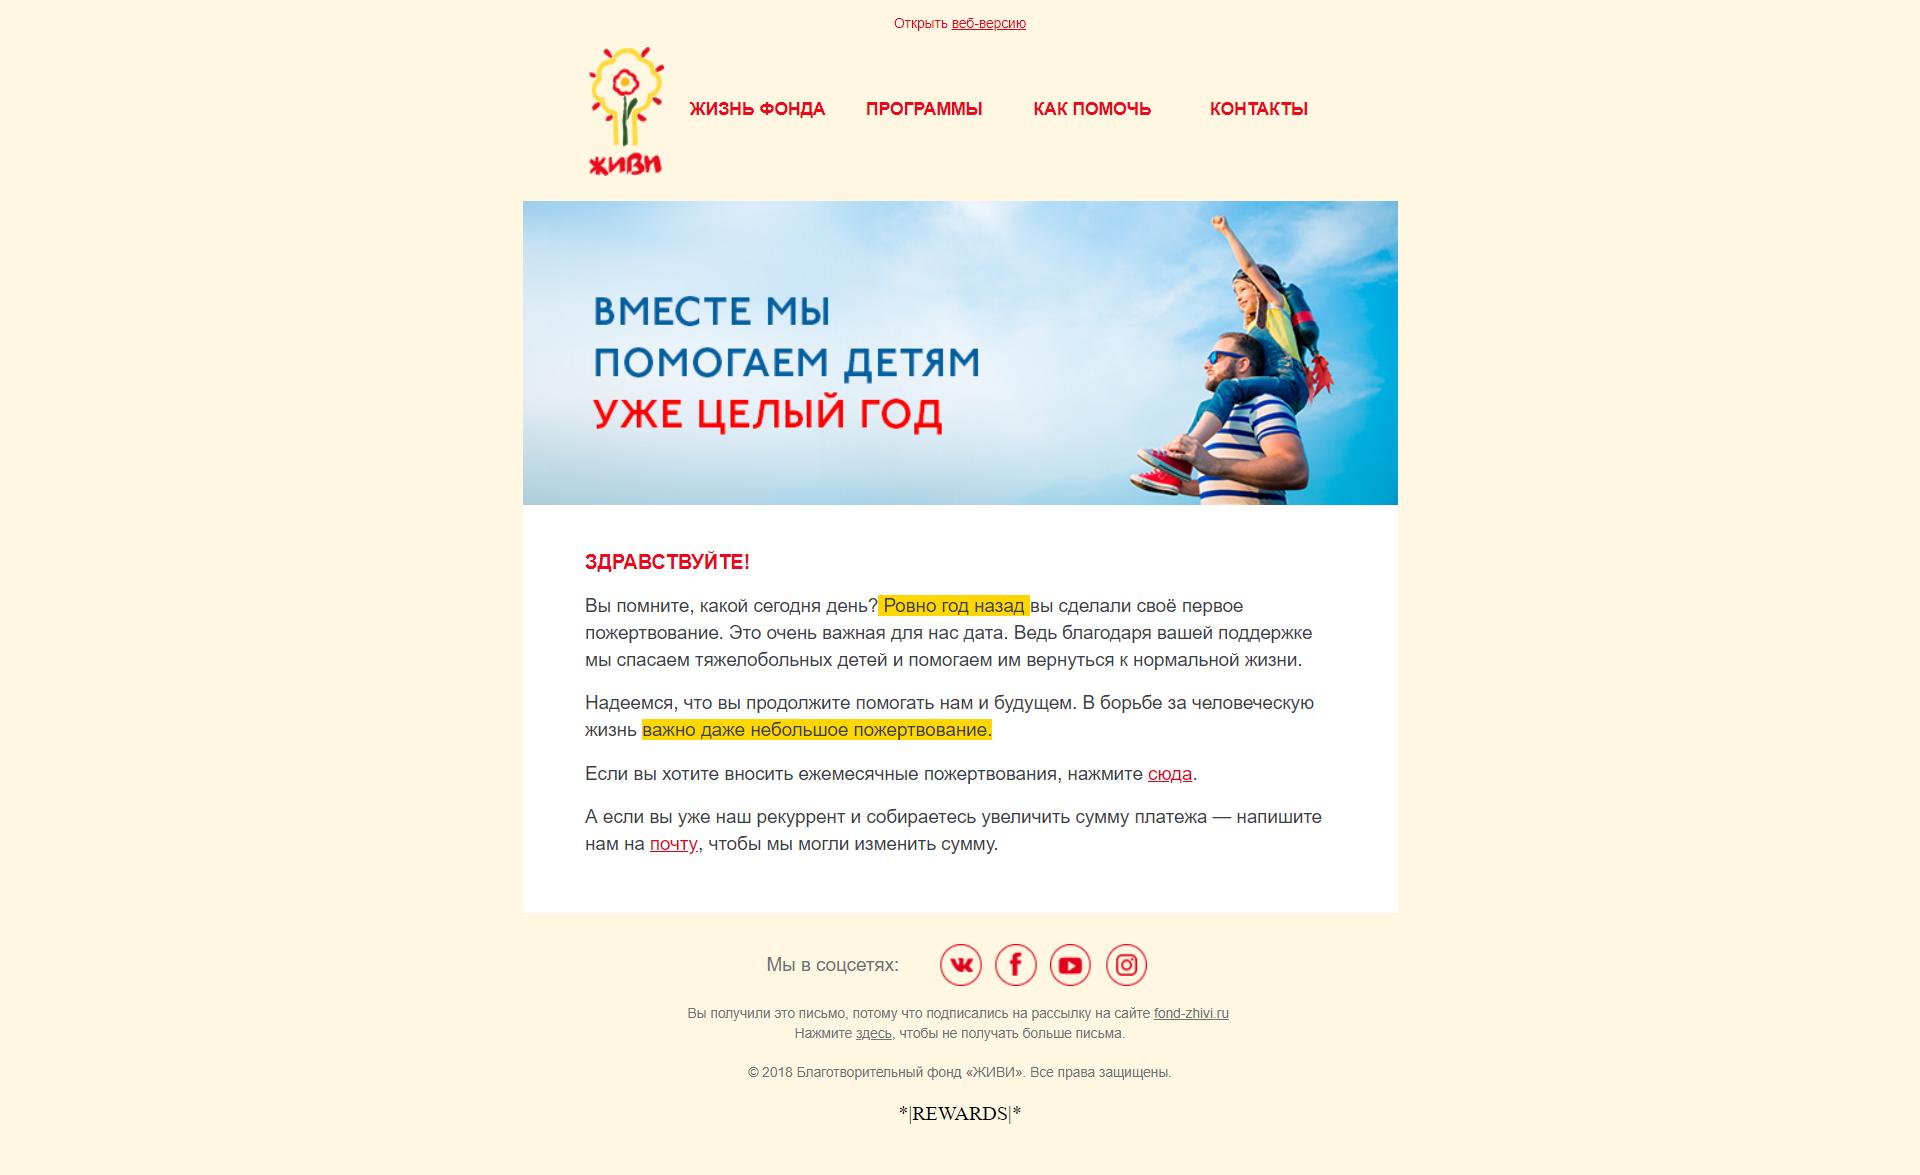 Email-маркетинг для благотворительности